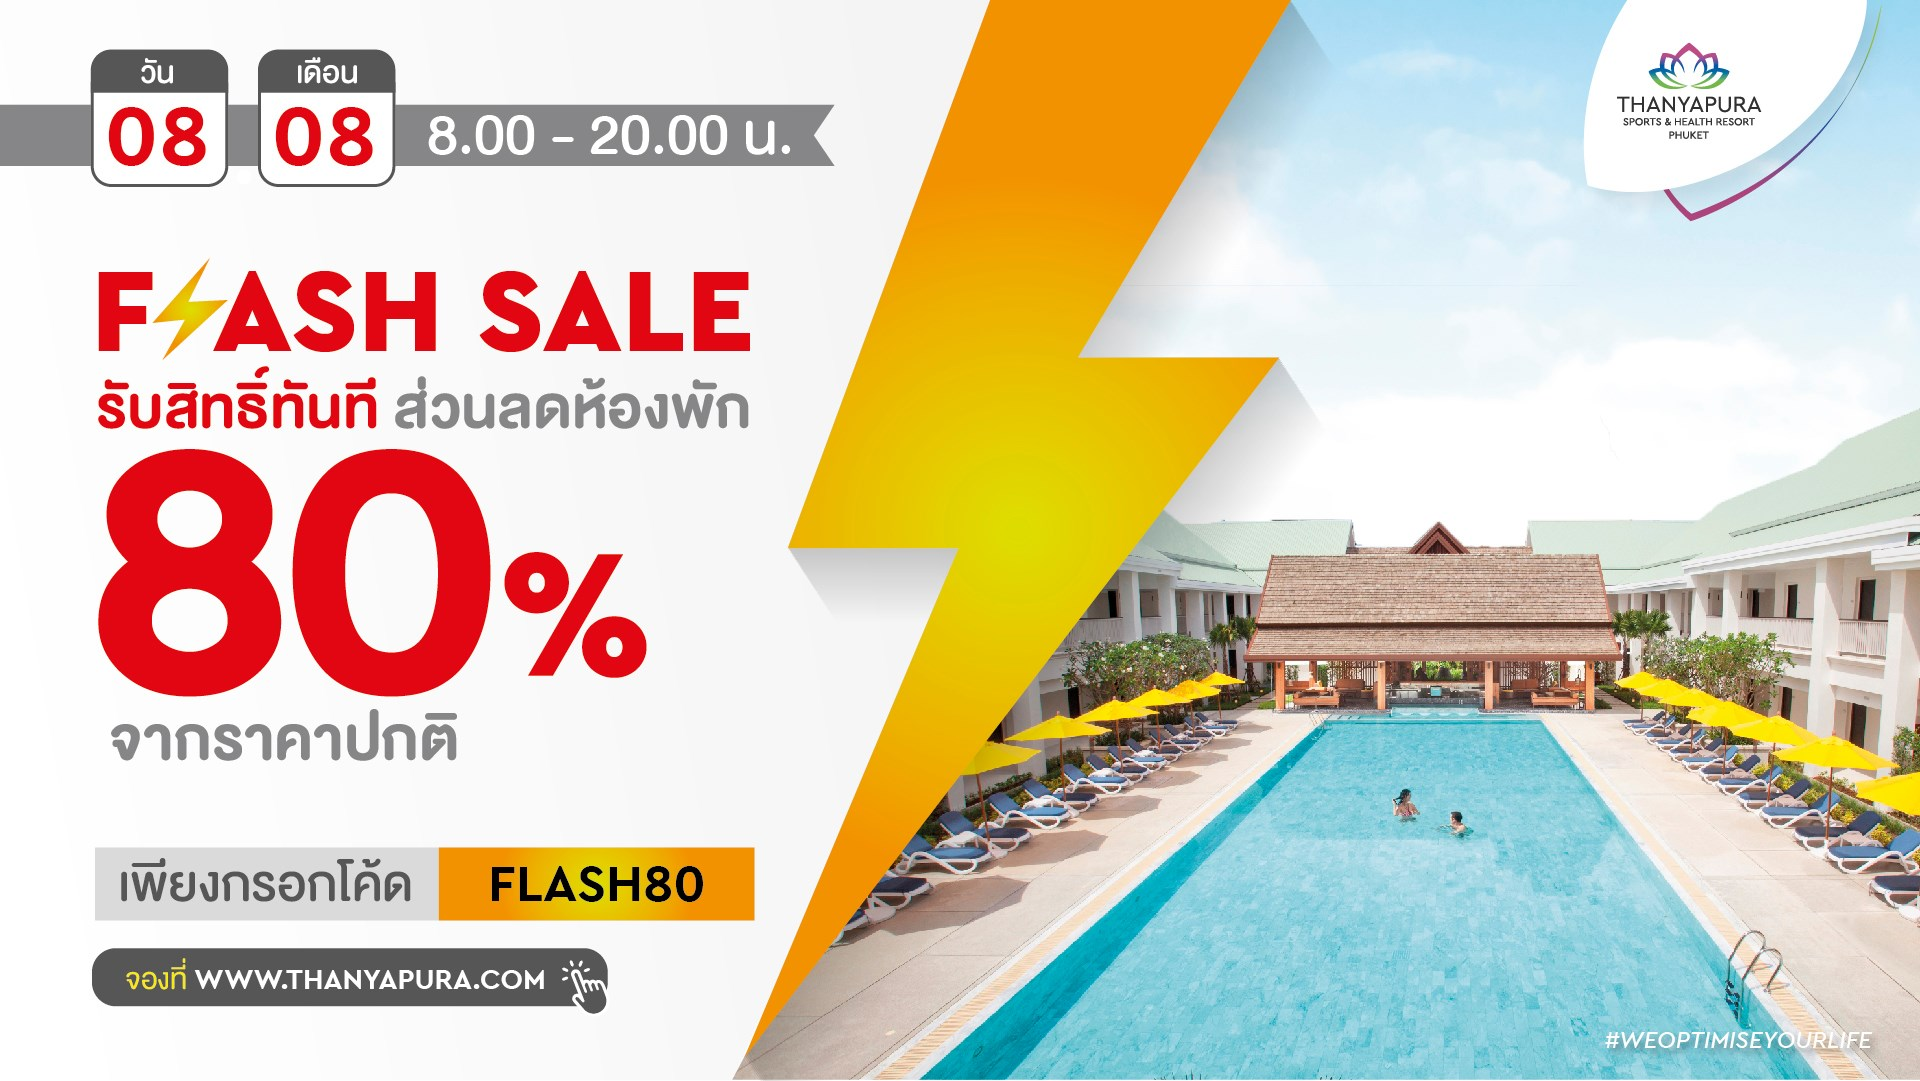 ธัญญปุระ FLASH SALE รับส่วนลด 80%